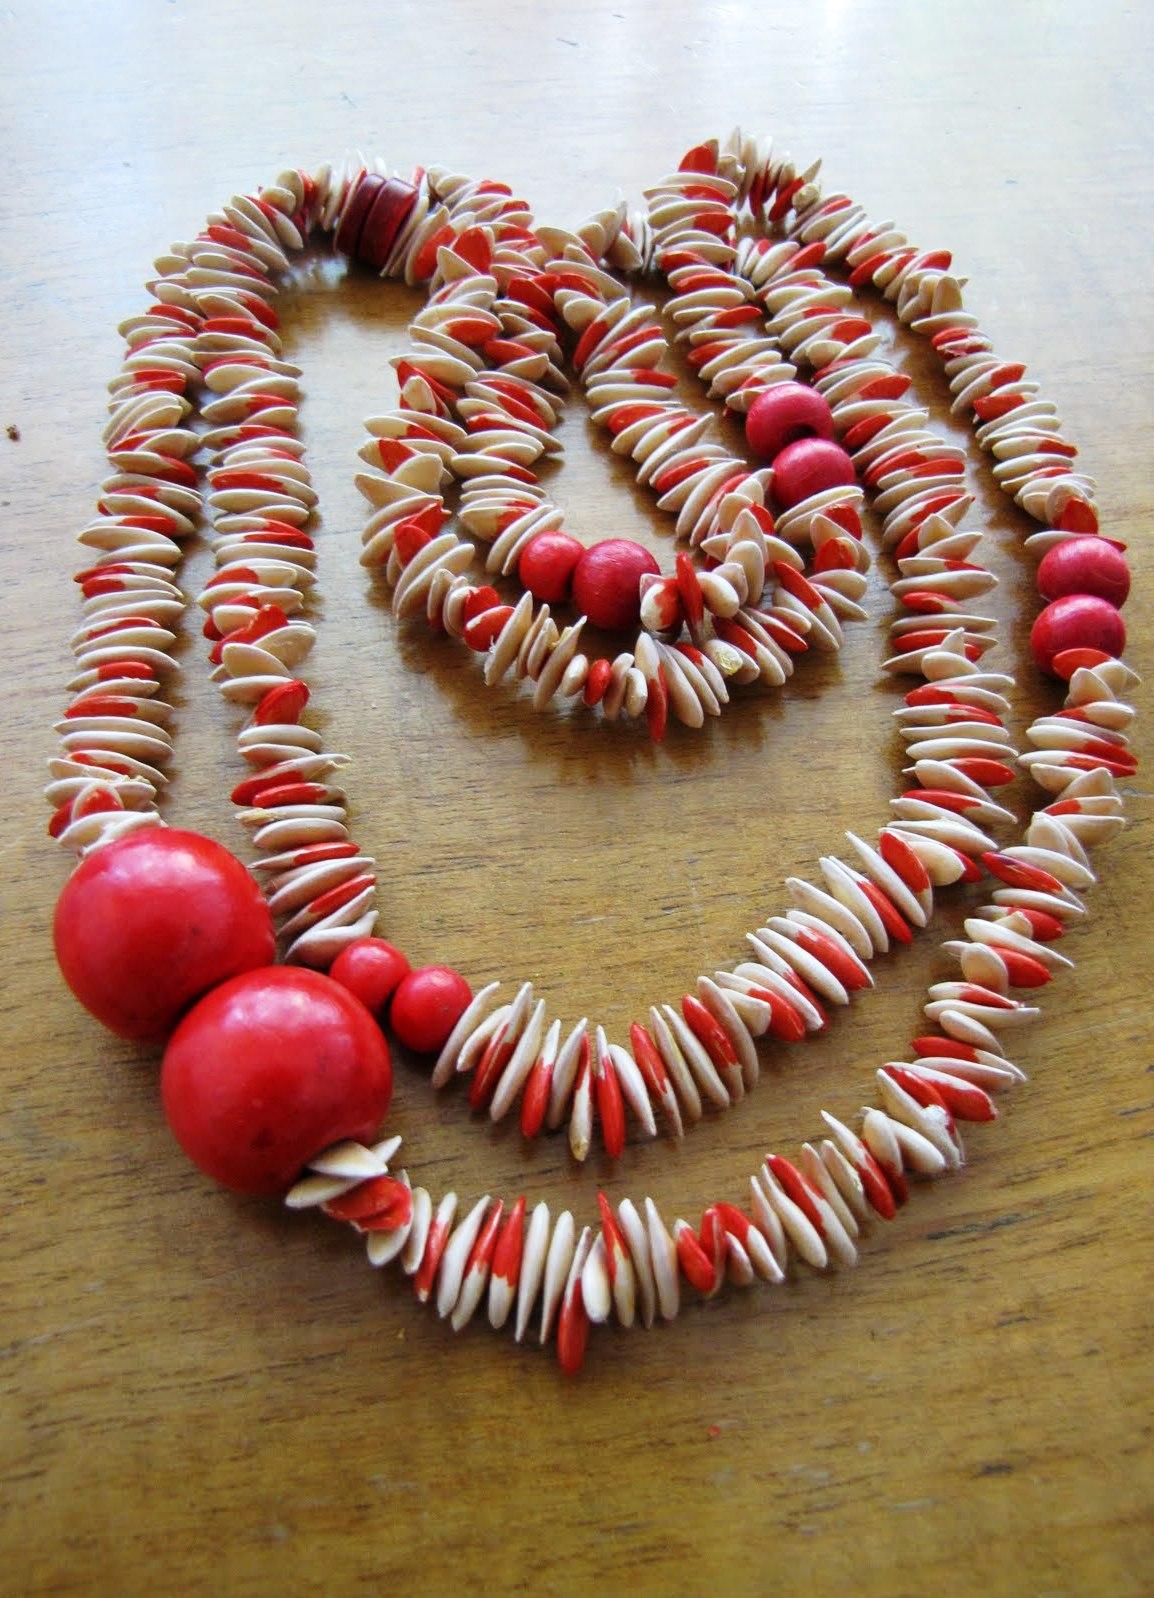 řemesla z dýňových semen4